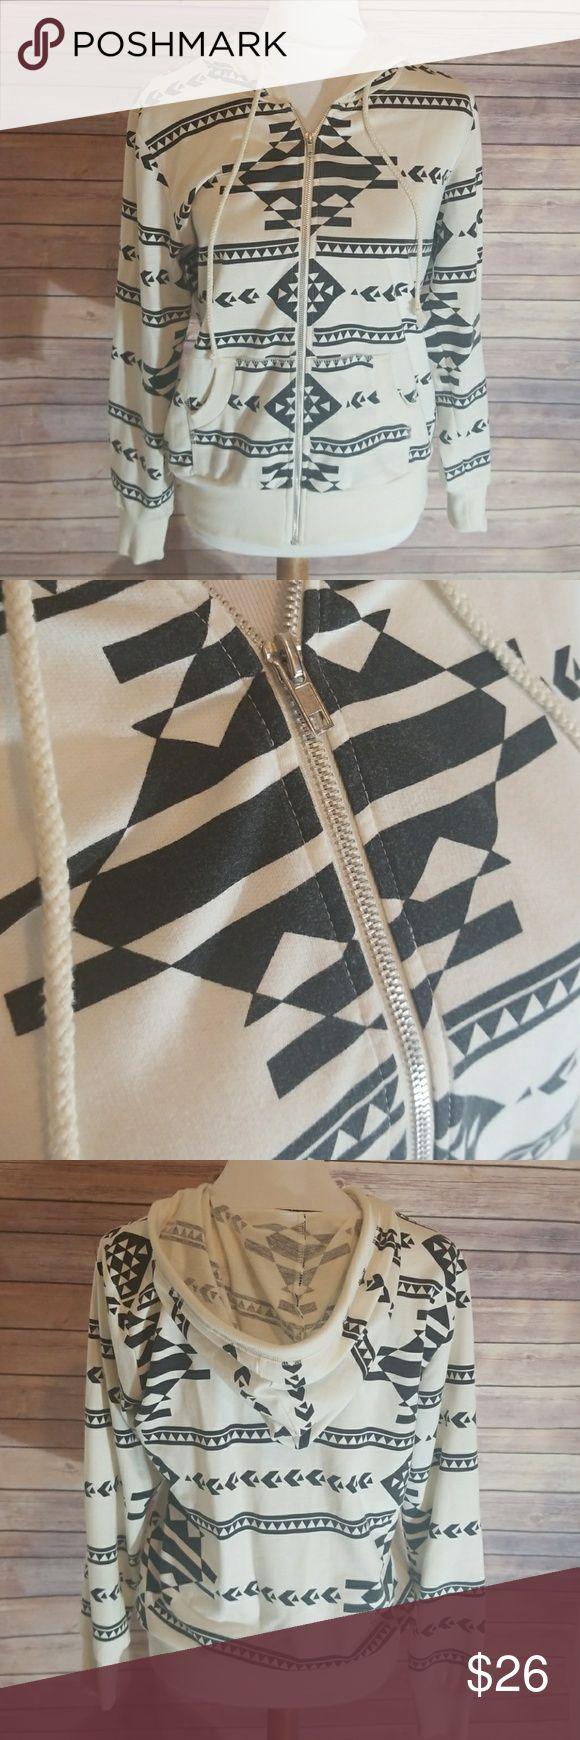 💋Boutique women's zip up jacket 💋Boutique women's zip up jacket Tops Sweatshirts & Hoodies